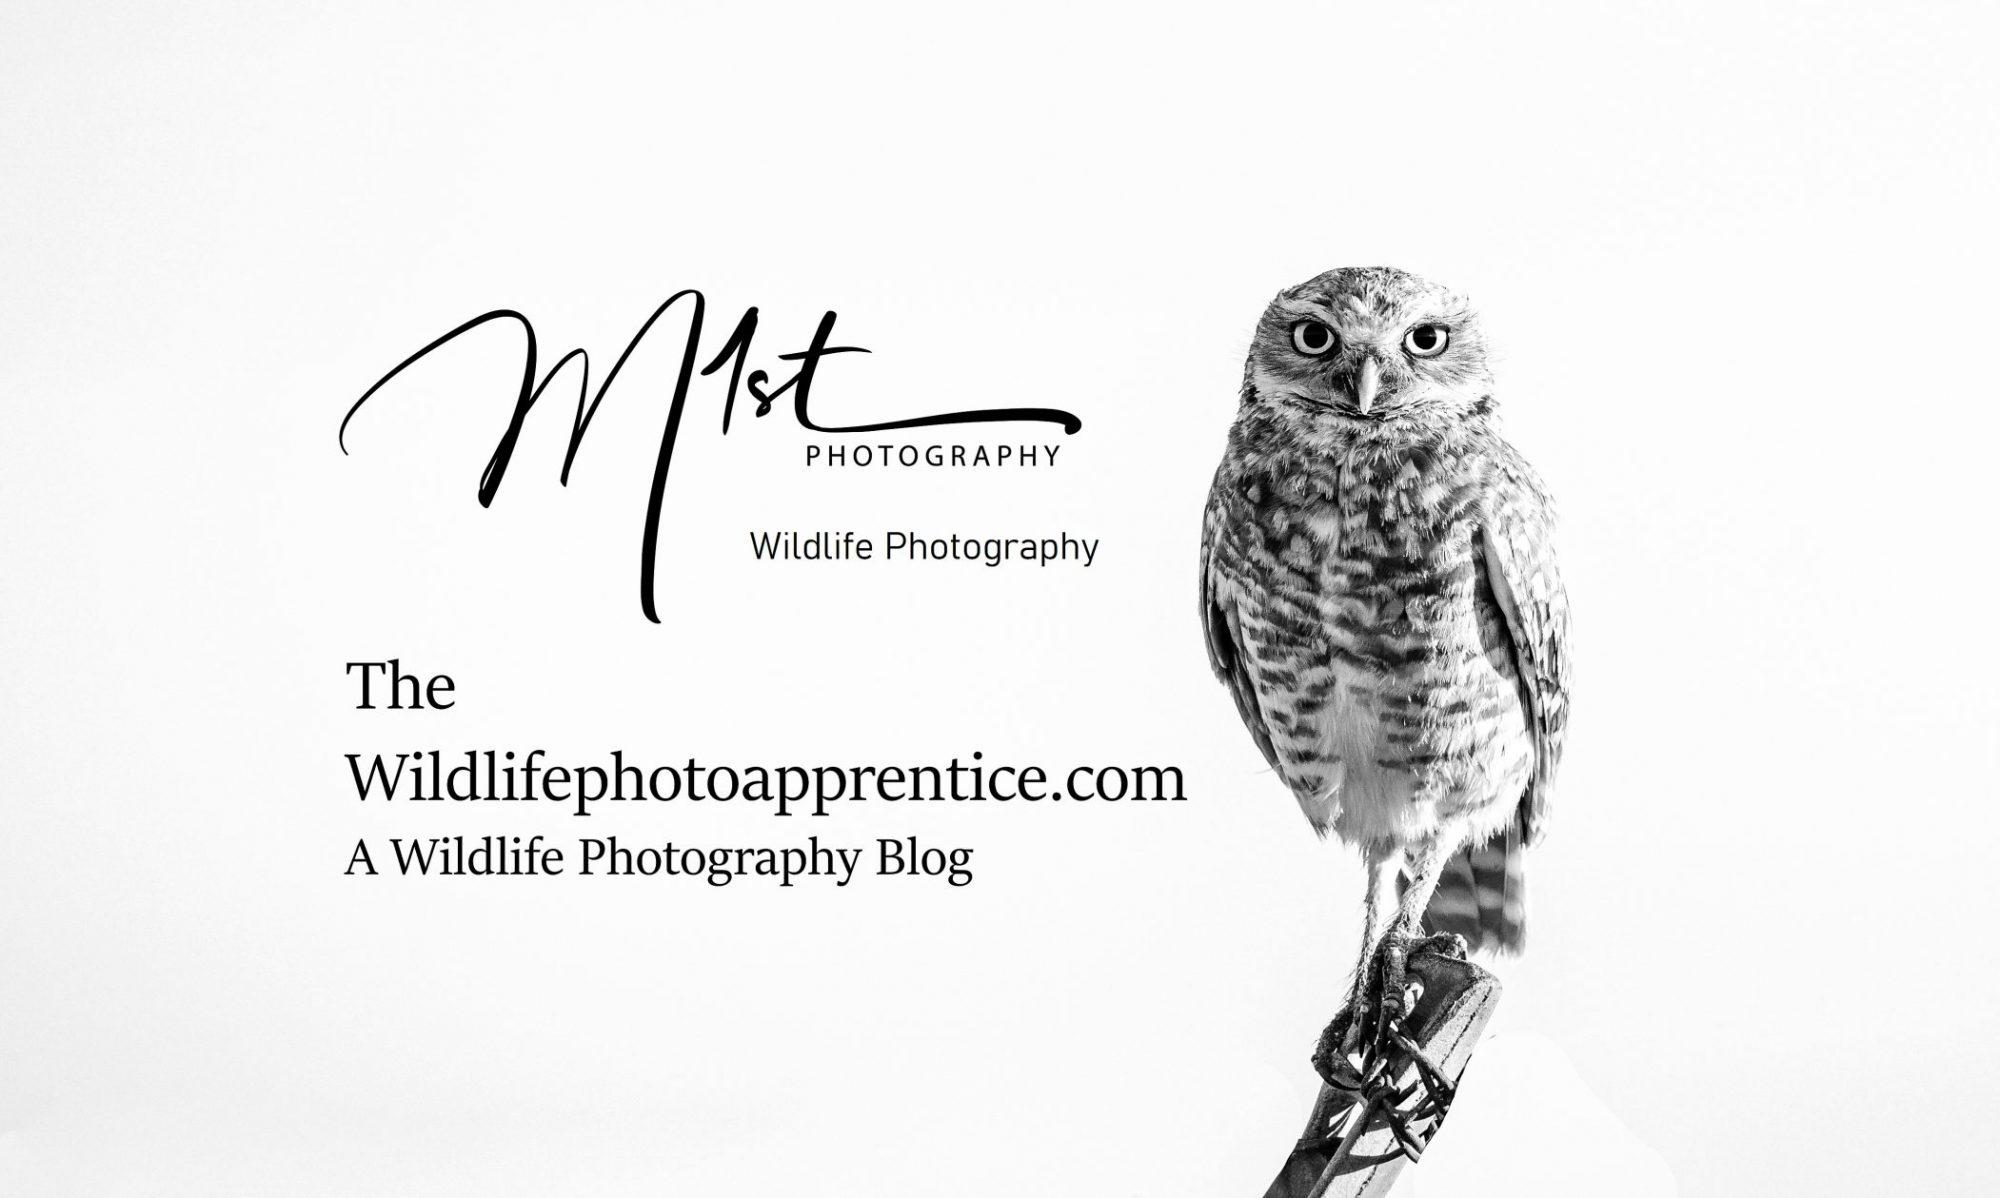 The Wildlife Photography Apprentice